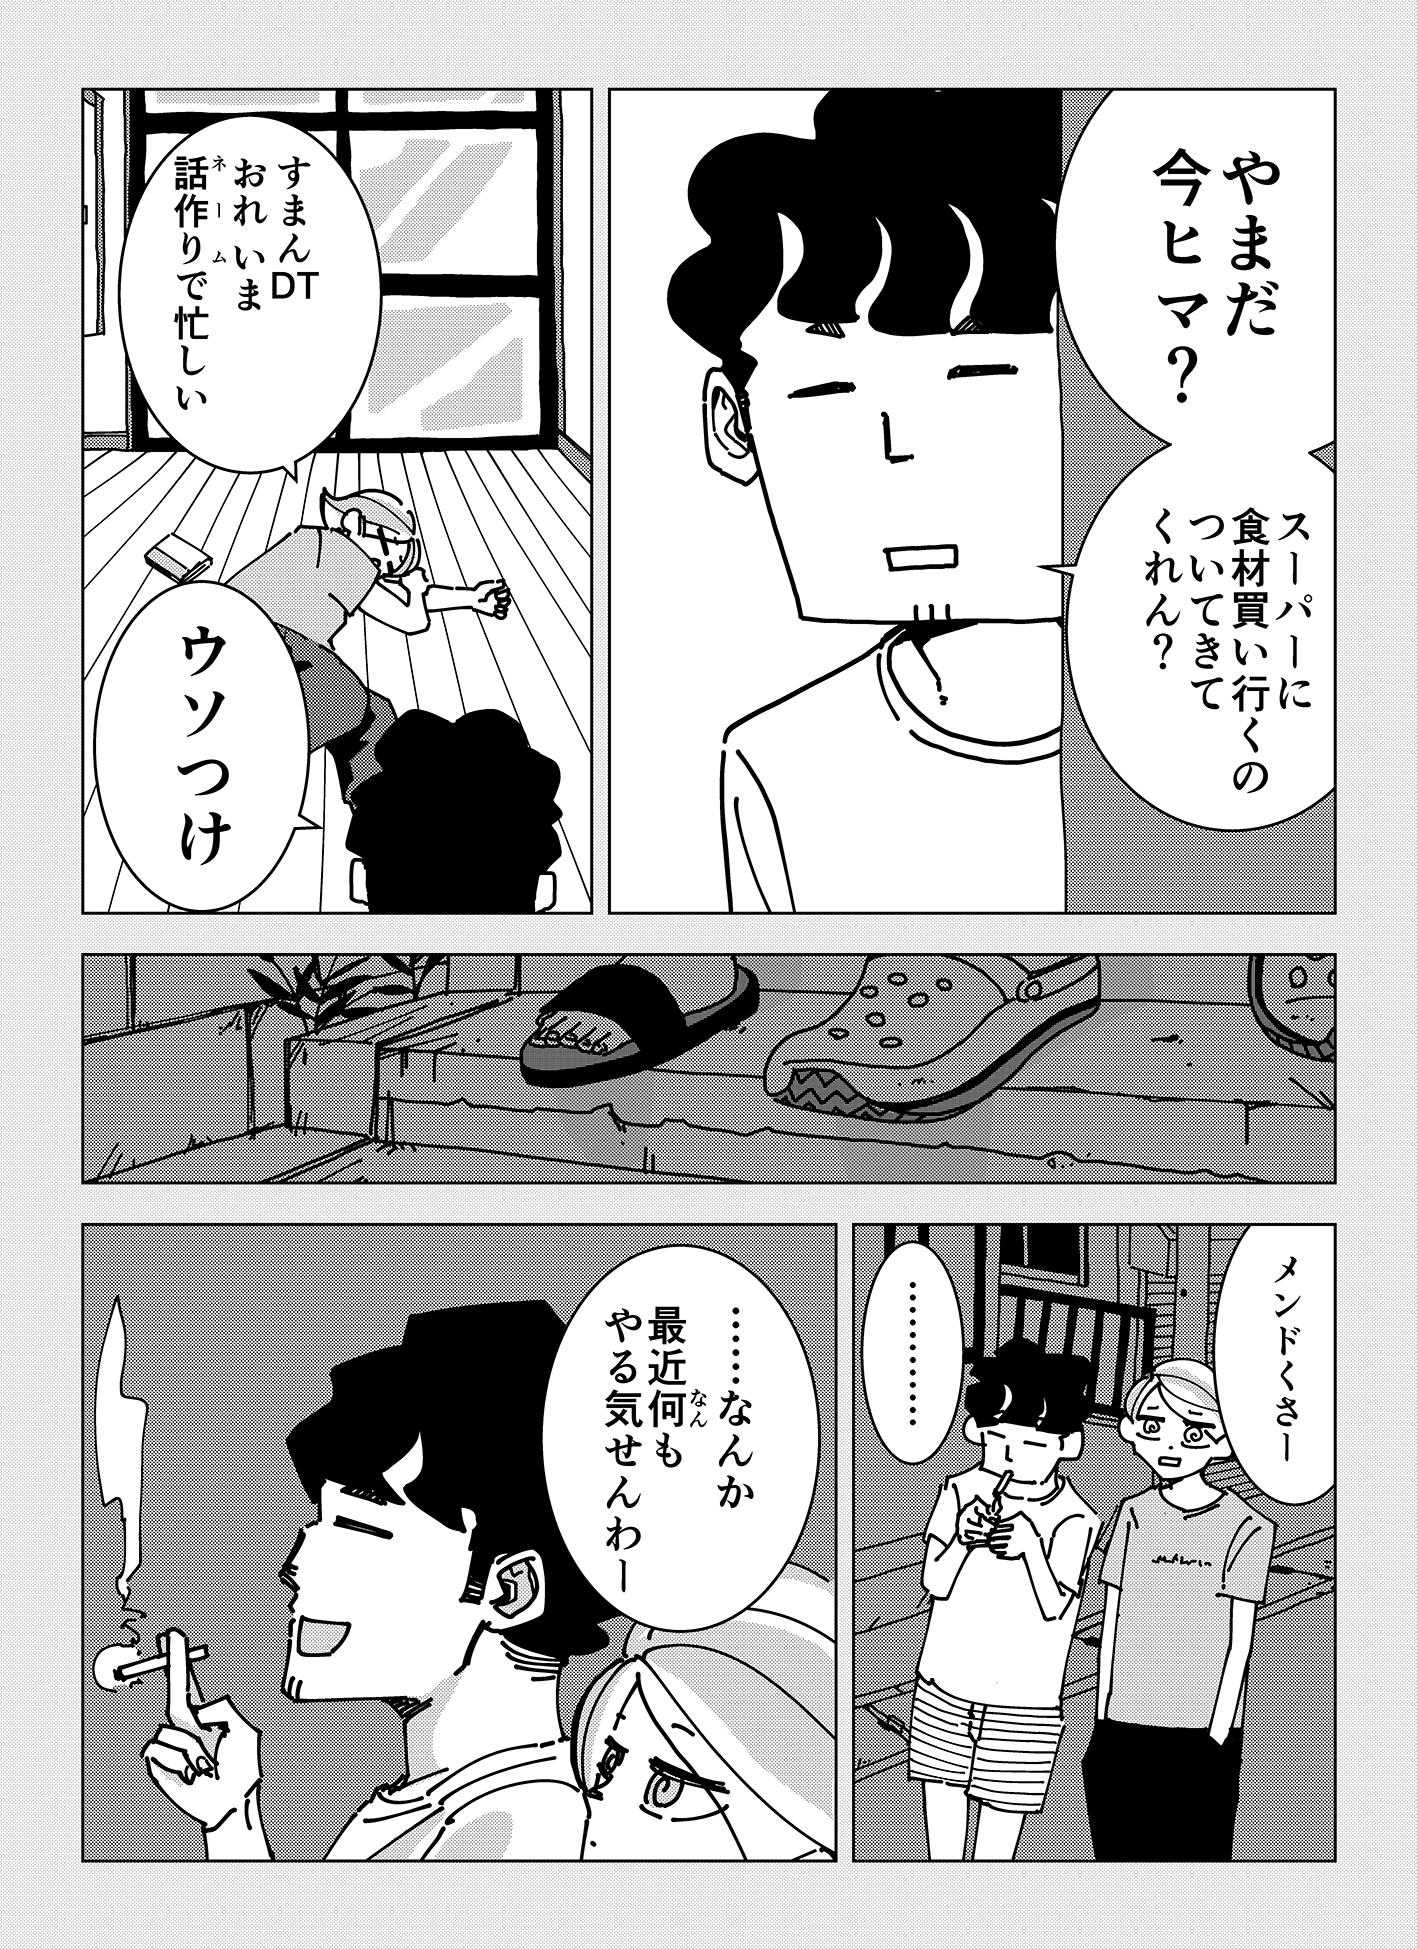 share04_002